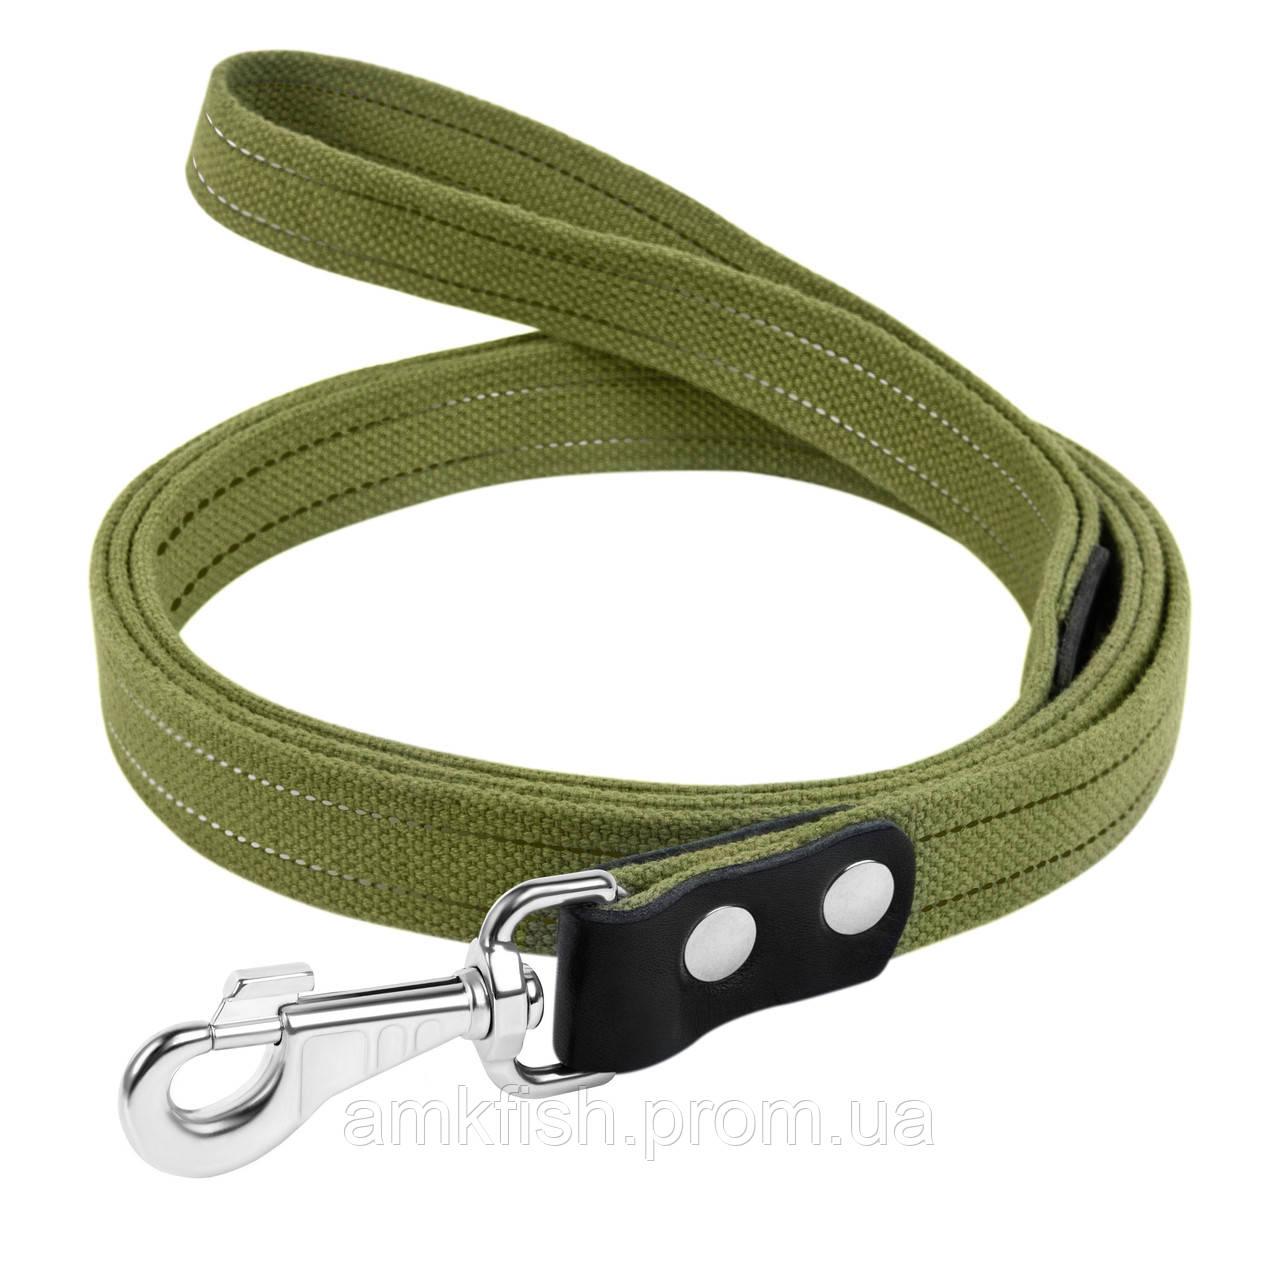 Поводок Collar брезент для собак 150смх20мм